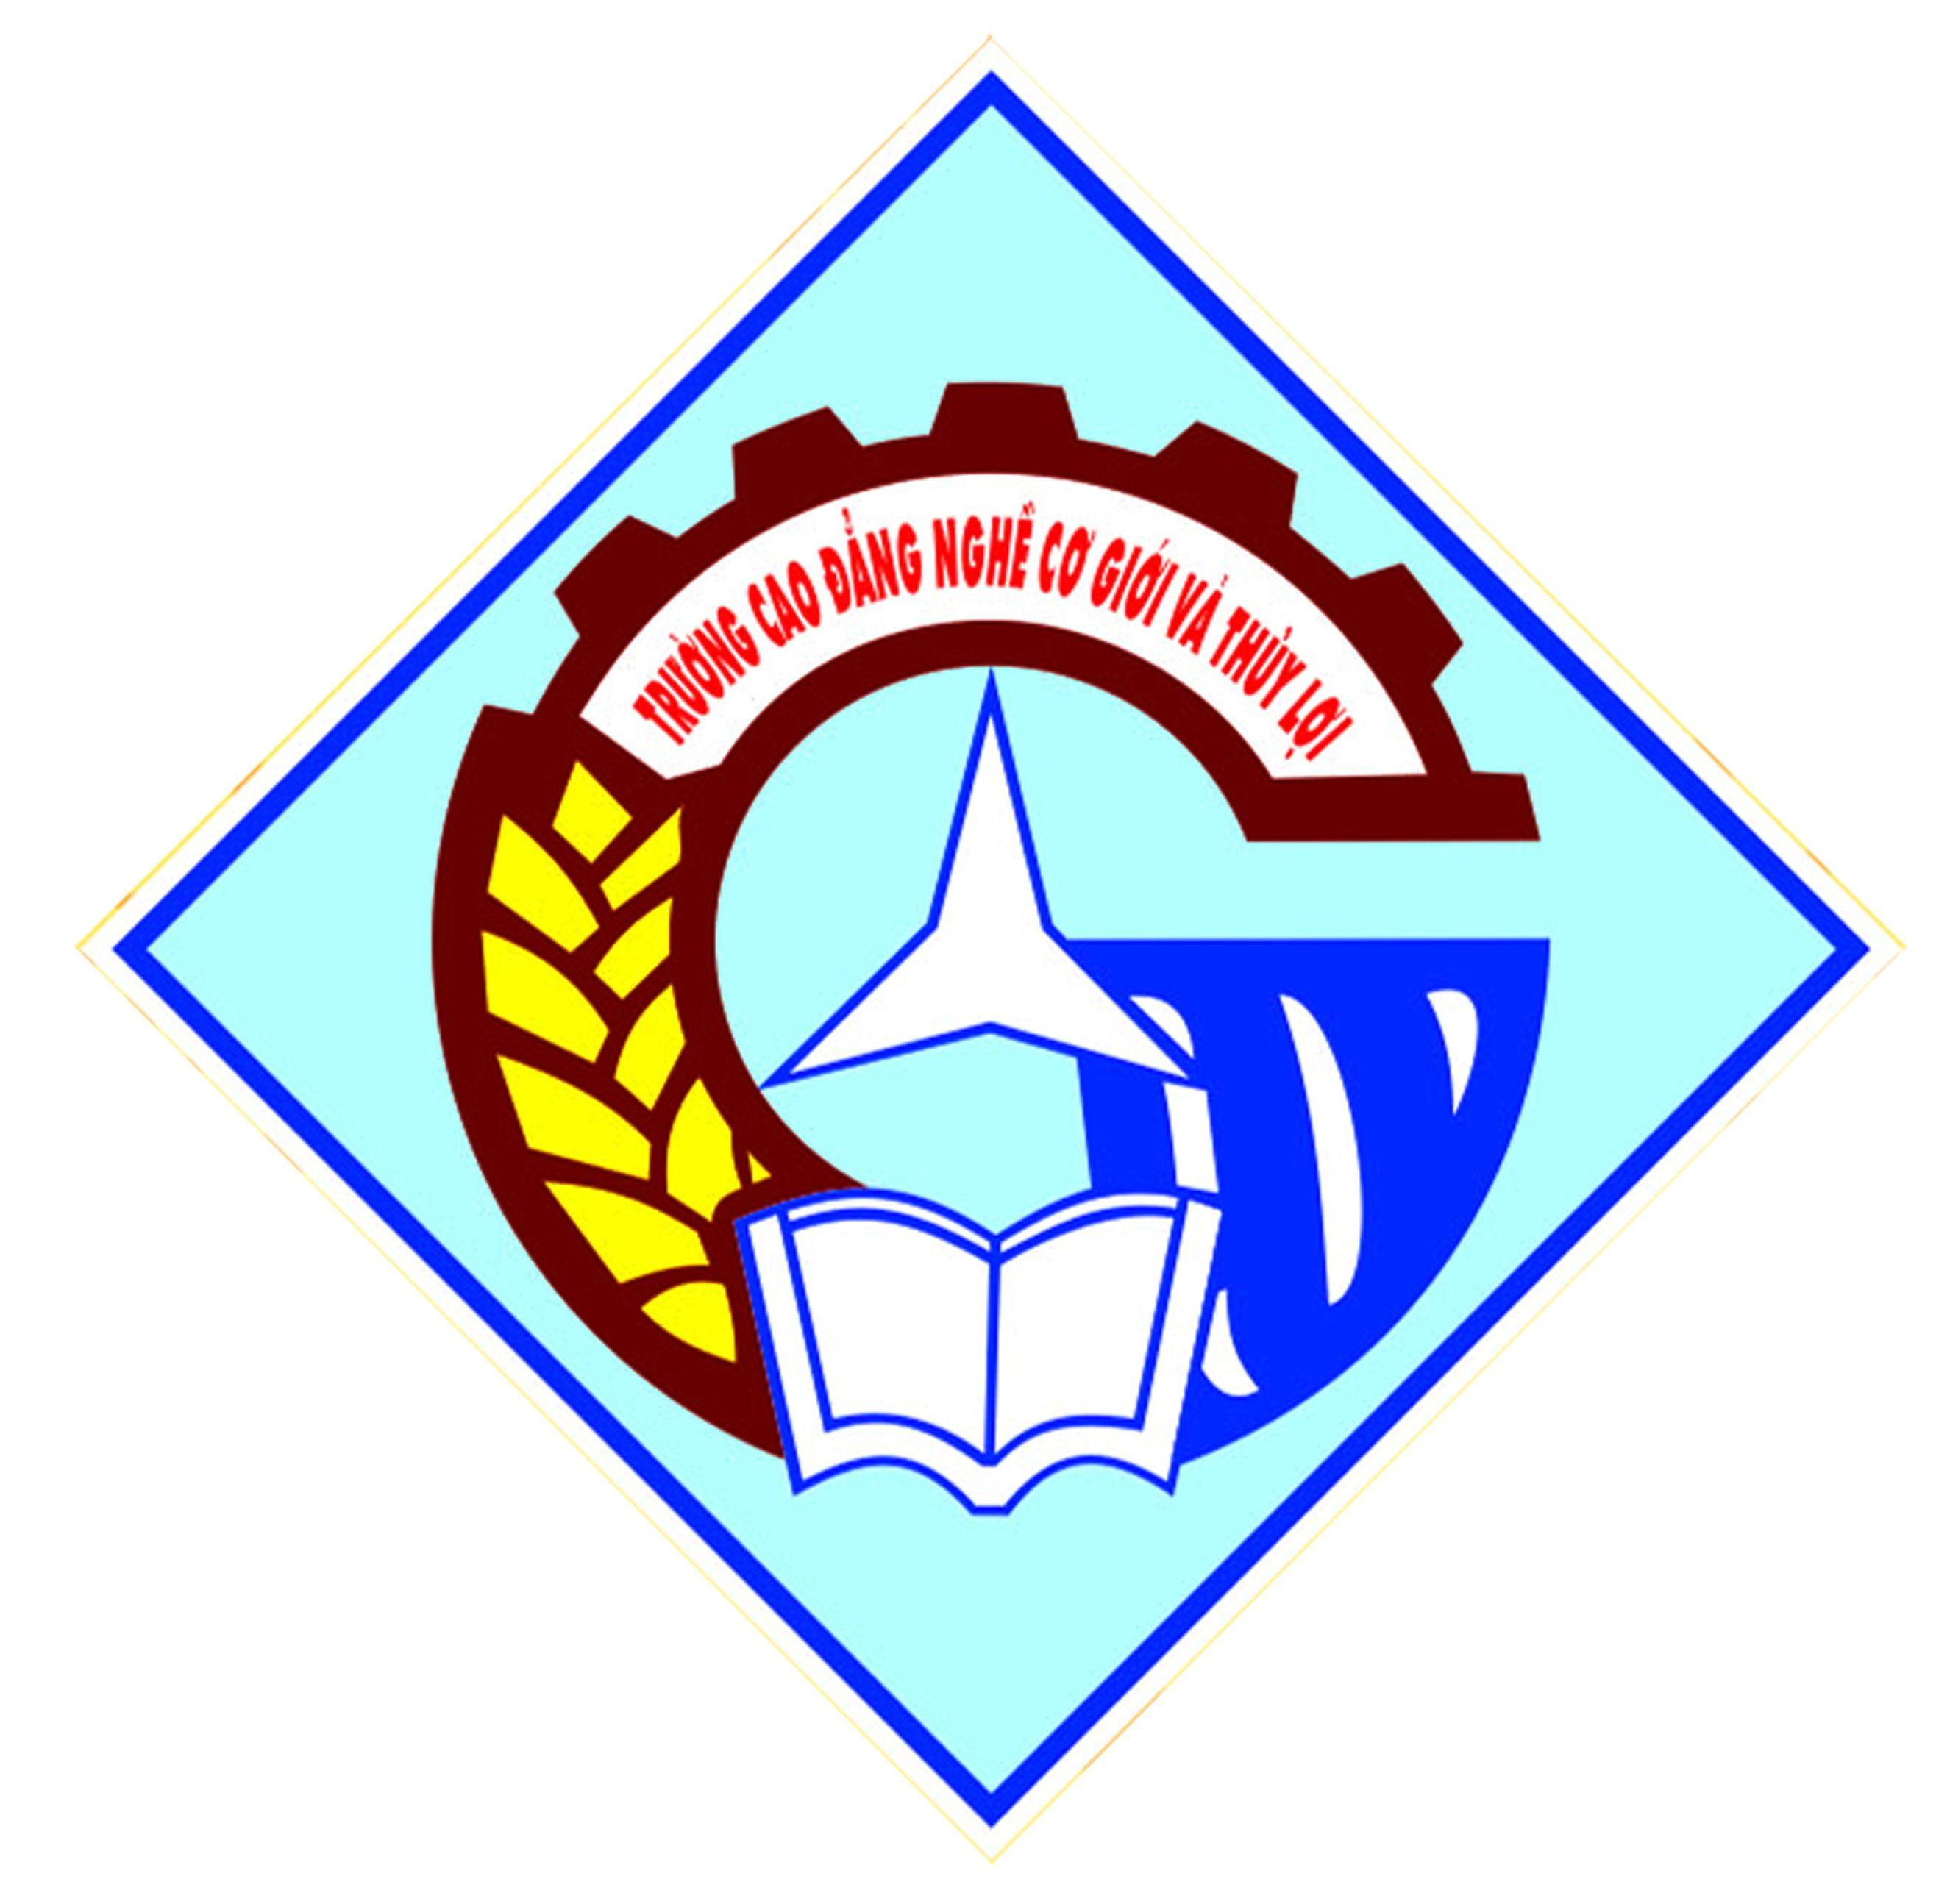 Thông Tin Tuyển Sinh Trường Cao Đẳng Nghề Cơ Giới Và Thủy Lợi